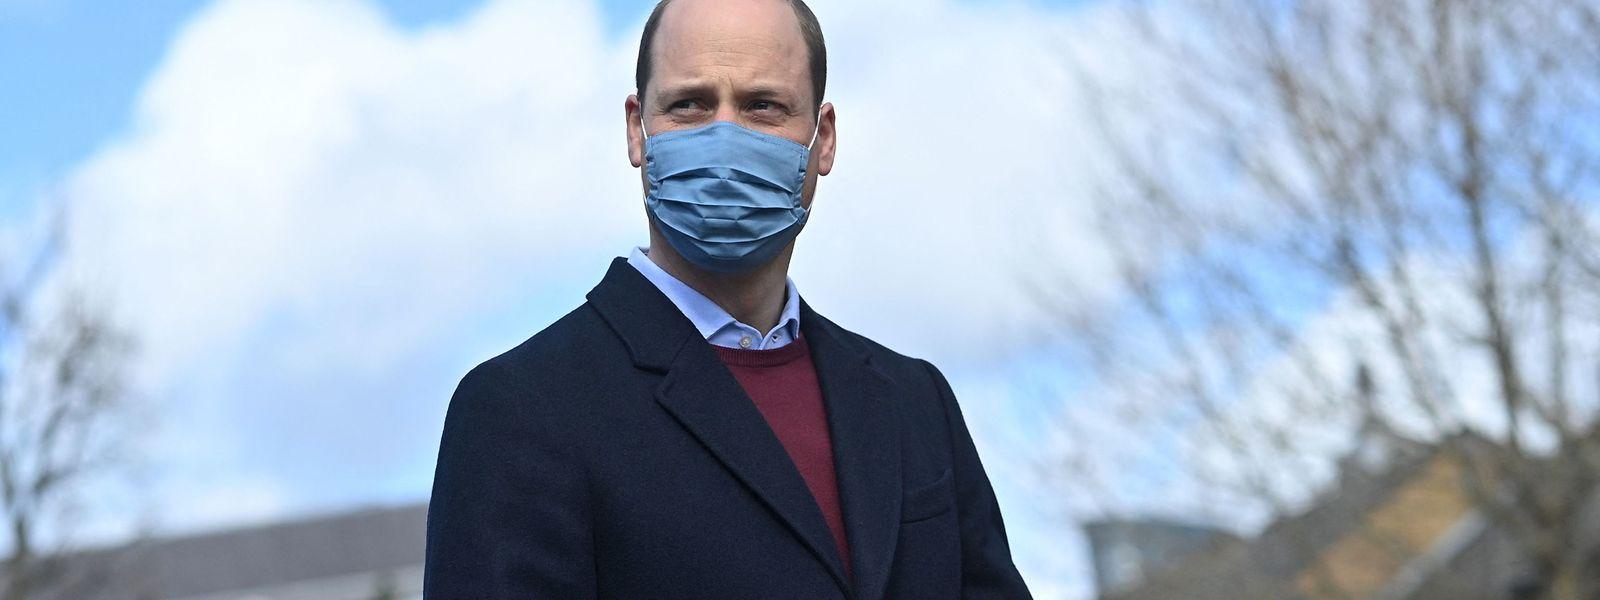 Bei dem Besuch einer Schule am Donnerstag äußerte sich Prinz William erstmals zu den Vorwürfen.